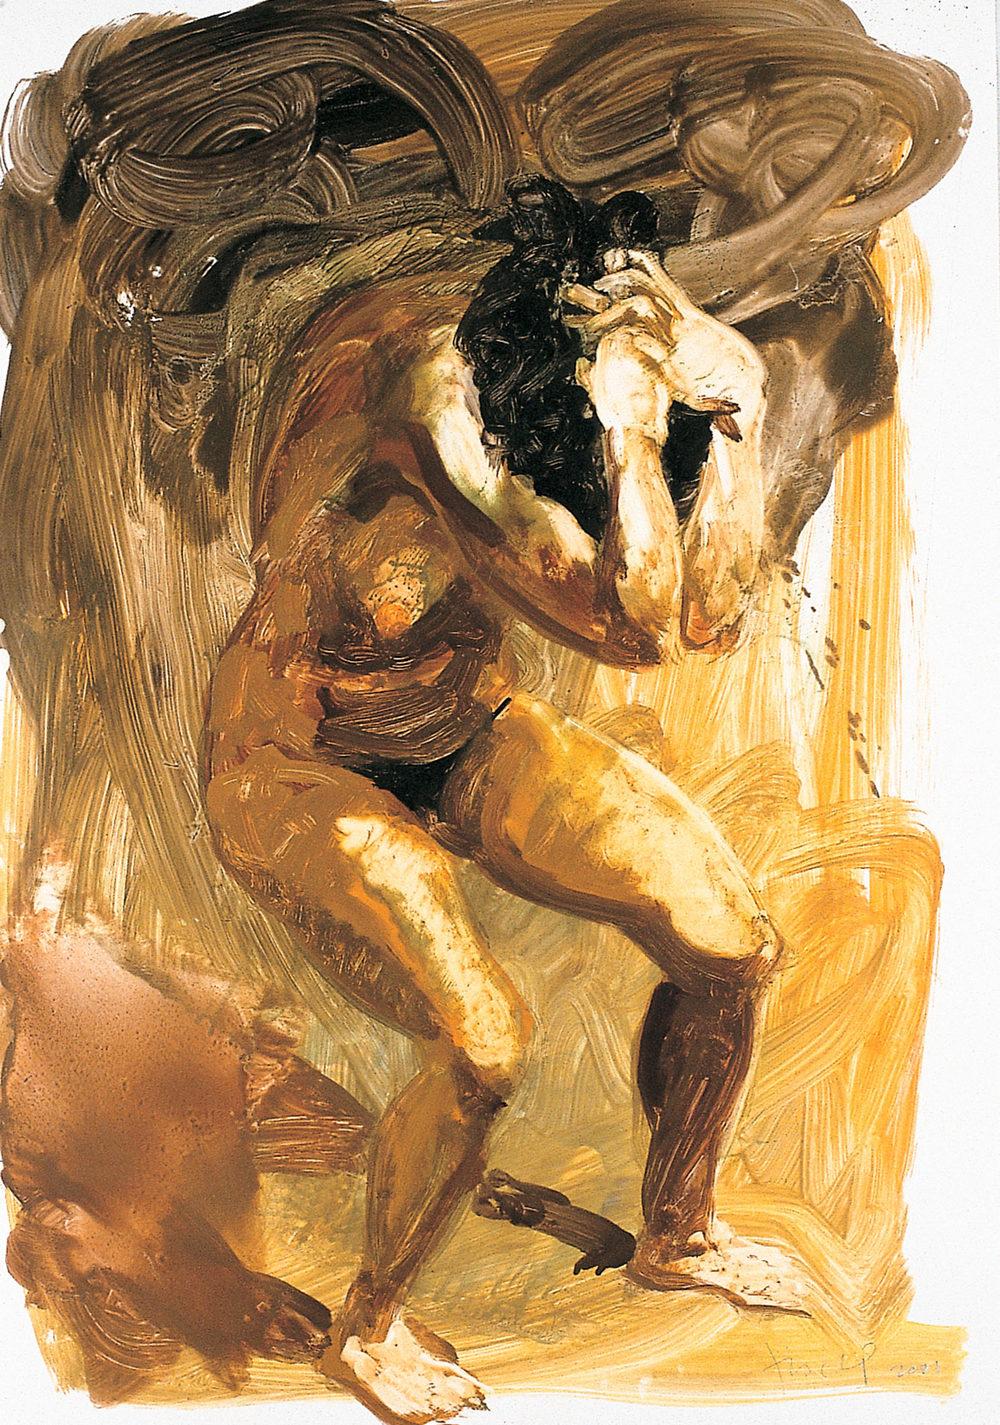 Untitled (Cringing), 2001.